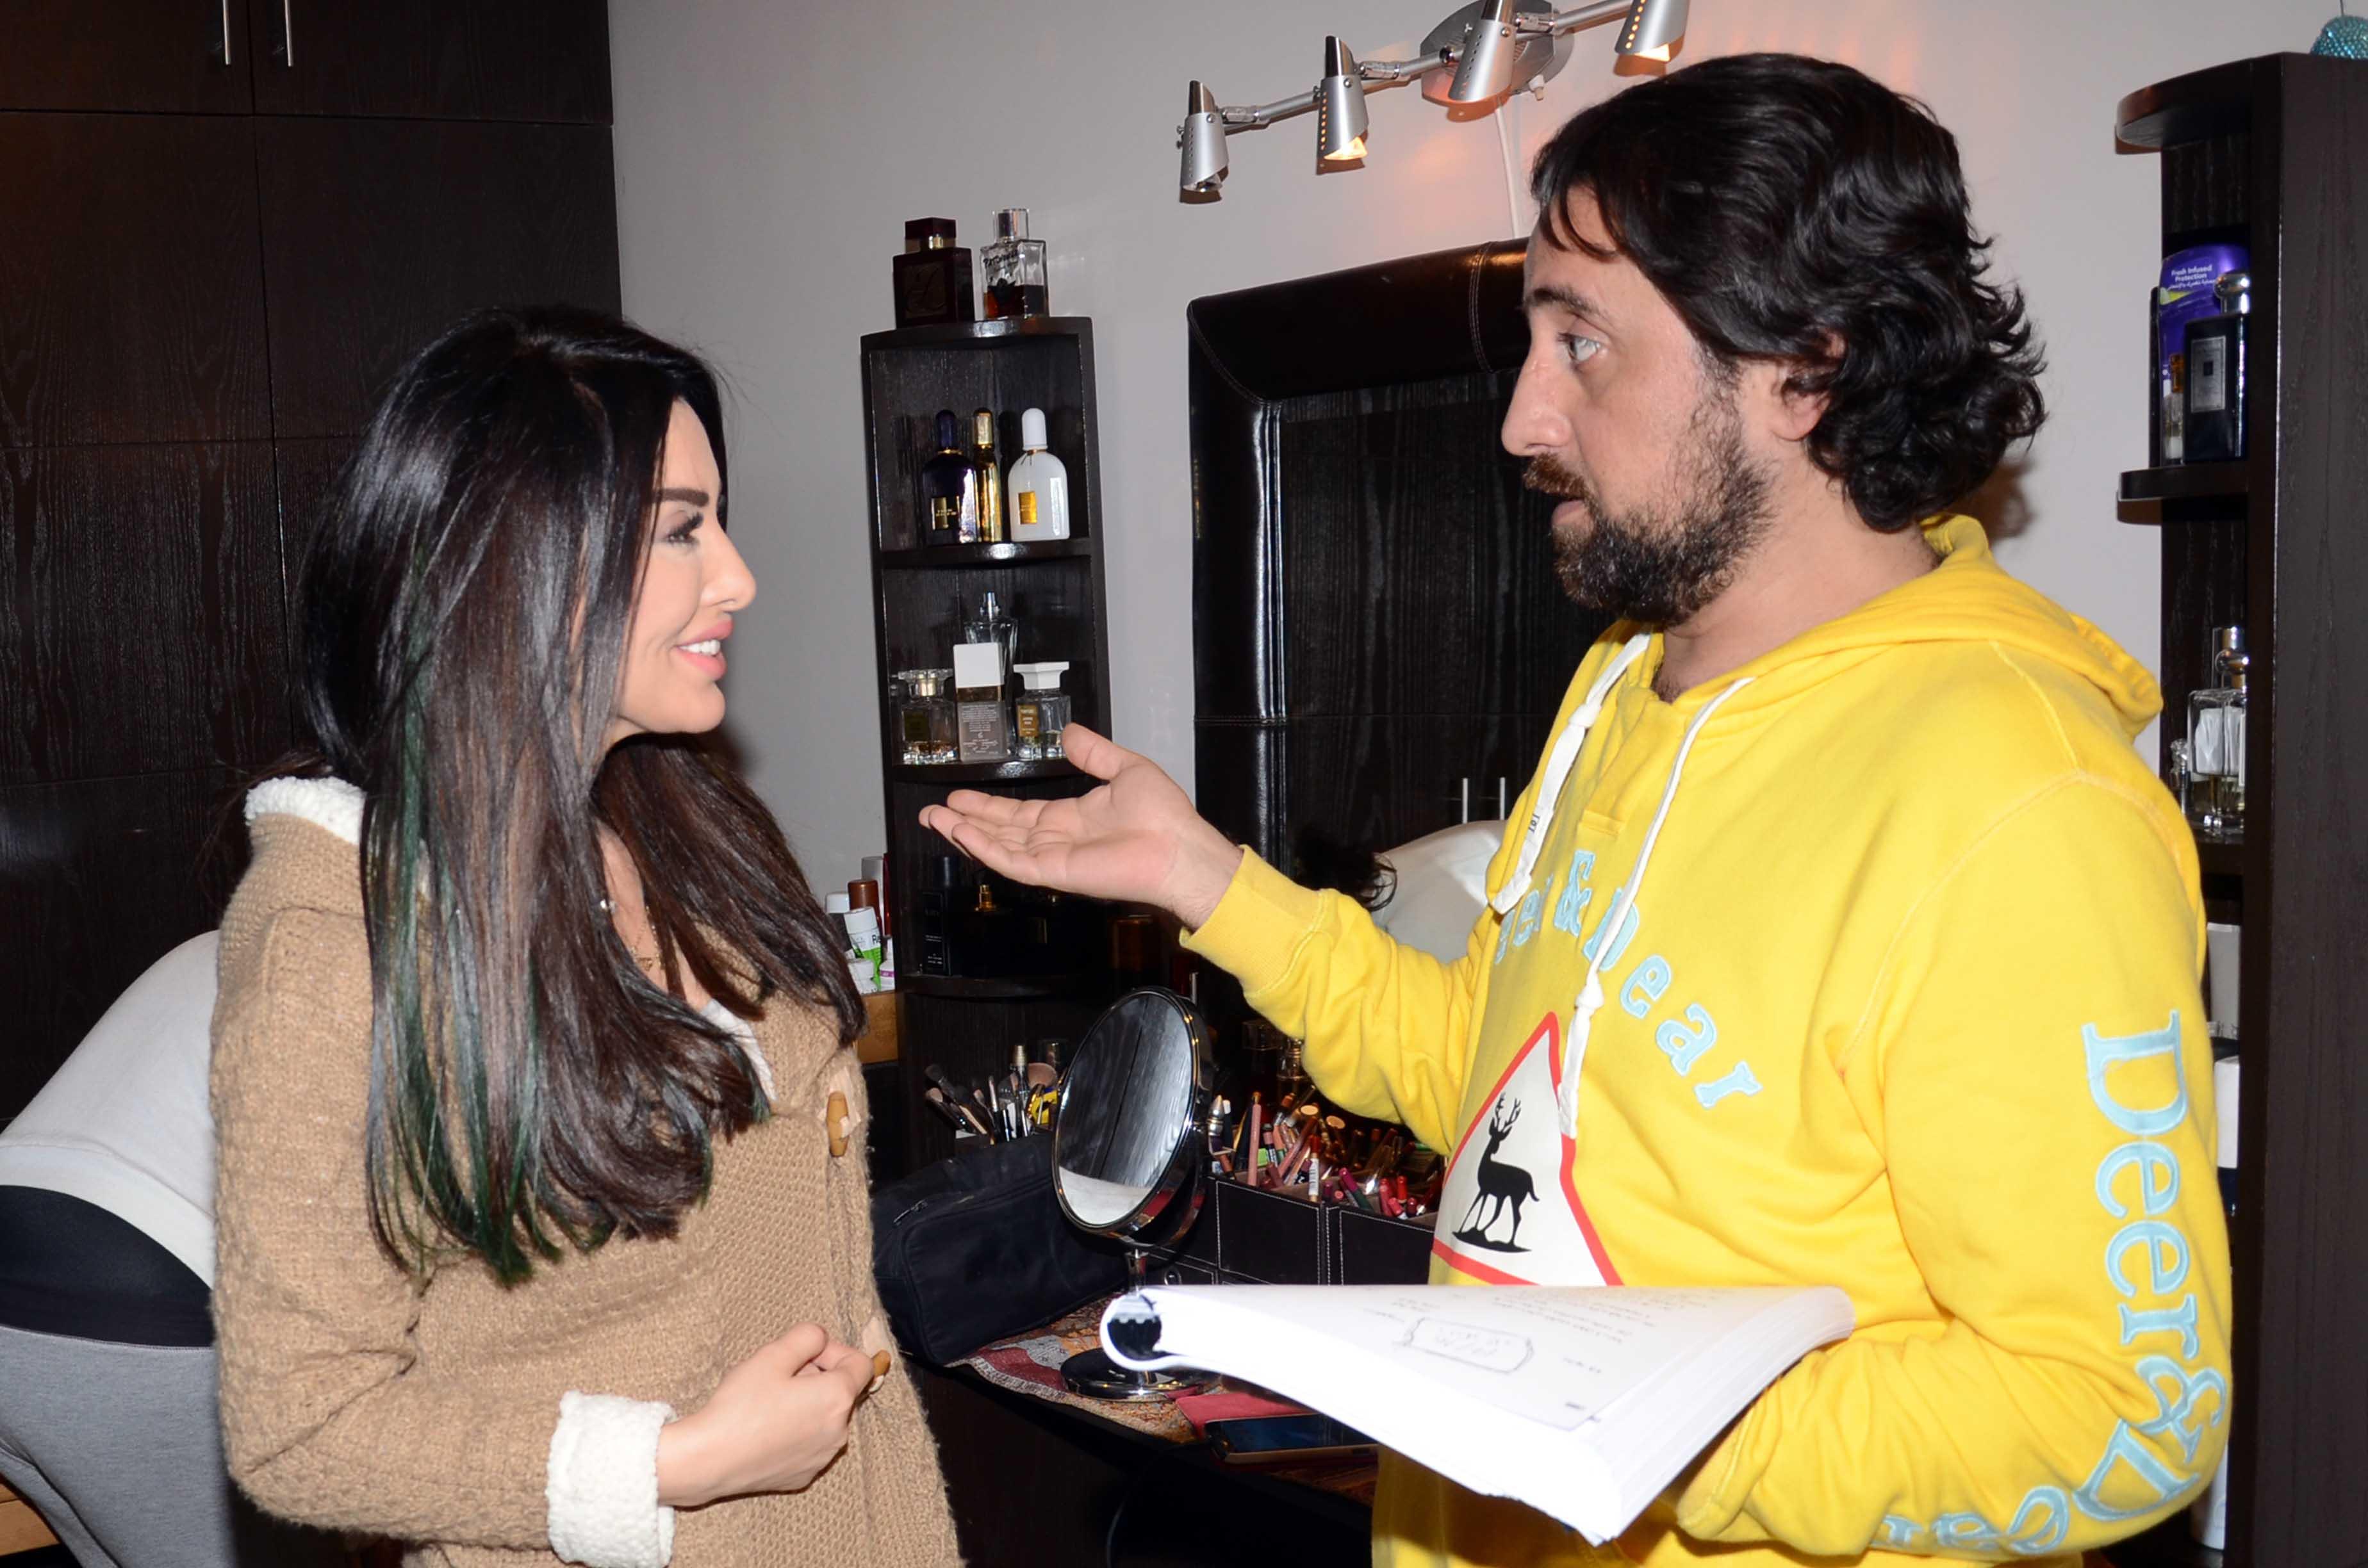 المخرج منير الزعبي مع ميساء المغربي